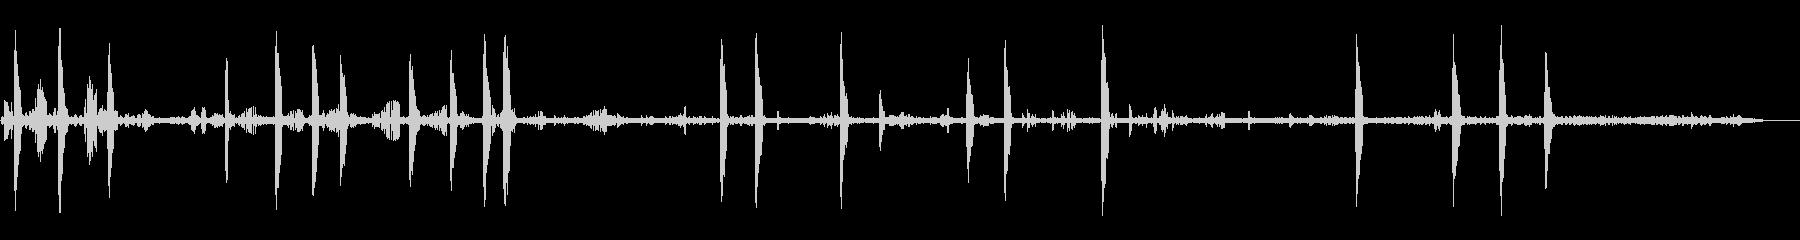 アンビエントバーズシンギングマウン...の未再生の波形